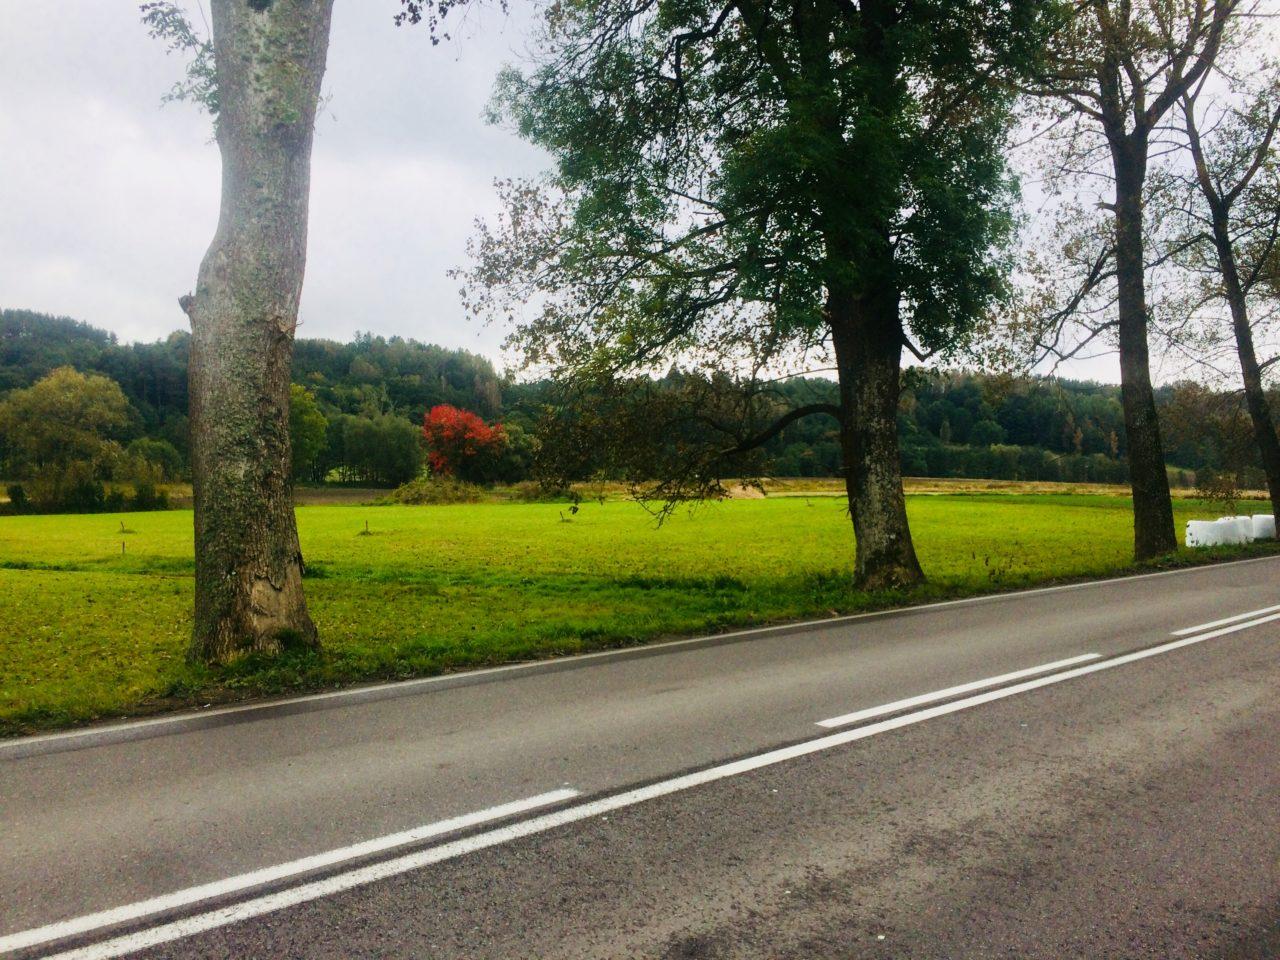 widok na pole z kolorowymi liśćmi drzew